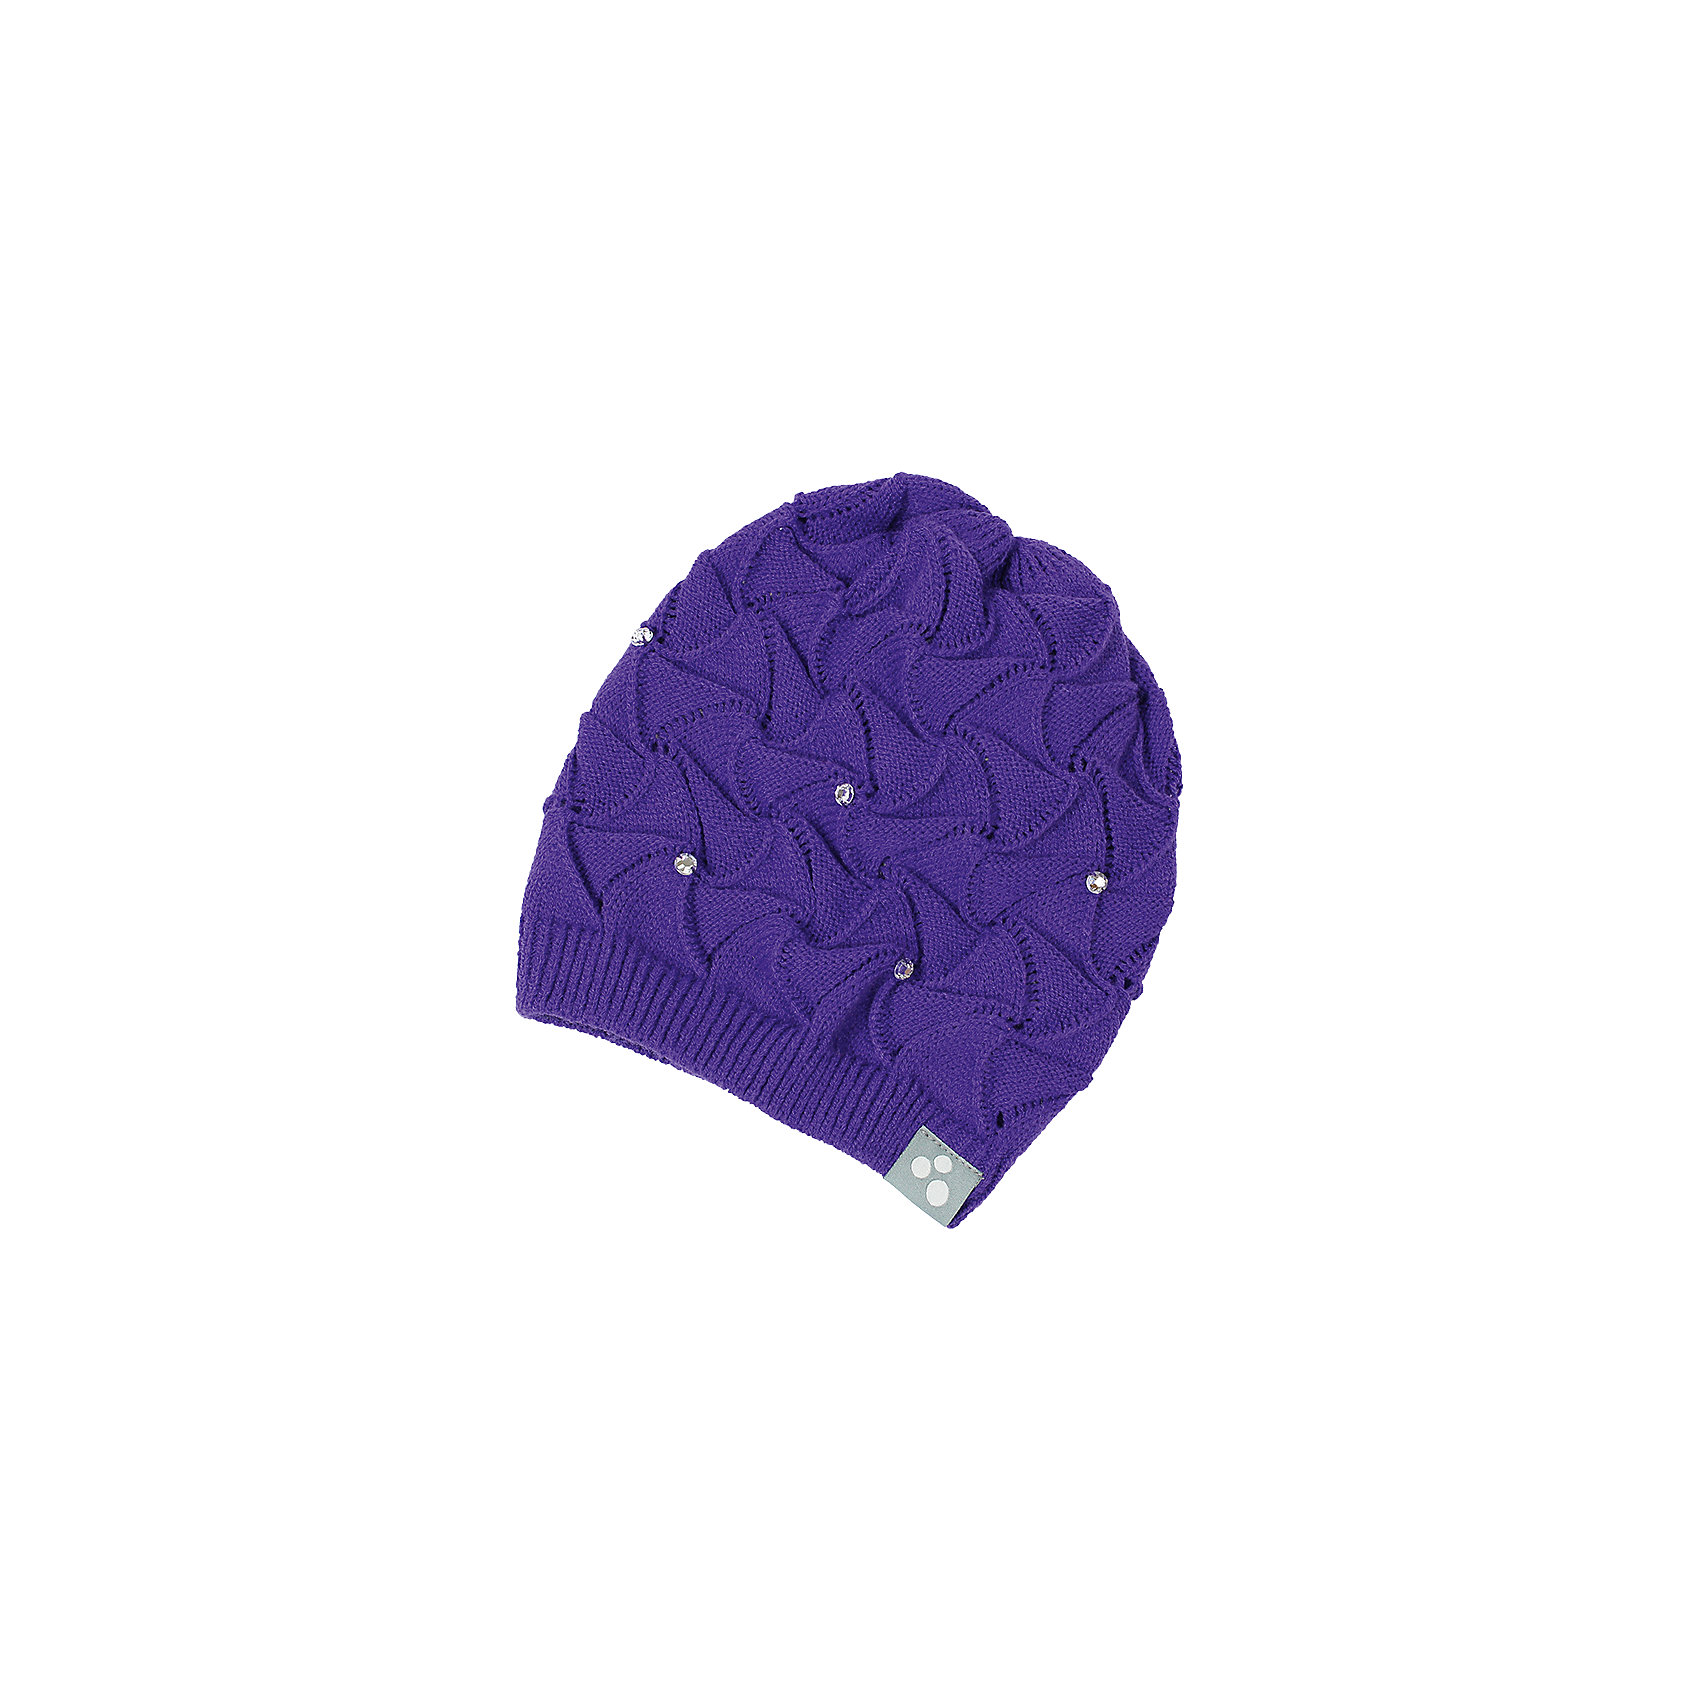 Шапка для девочки HuppaГоловные уборы<br>Вязаная демисезонная модель с оригинальным ажурным узором и стразами.<br><br>Дополнительная информация:<br><br>Температурный режим - от 0С до +10С<br>Материал: 100% полиэстер<br><br>Шапку для девочки Huppa можно купить в нашем магазине.<br><br>Ширина мм: 89<br>Глубина мм: 117<br>Высота мм: 44<br>Вес г: 155<br>Цвет: розовый<br>Возраст от месяцев: 12<br>Возраст до месяцев: 24<br>Пол: Женский<br>Возраст: Детский<br>Размер: 47-49,55-57,51-53<br>SKU: 4595747